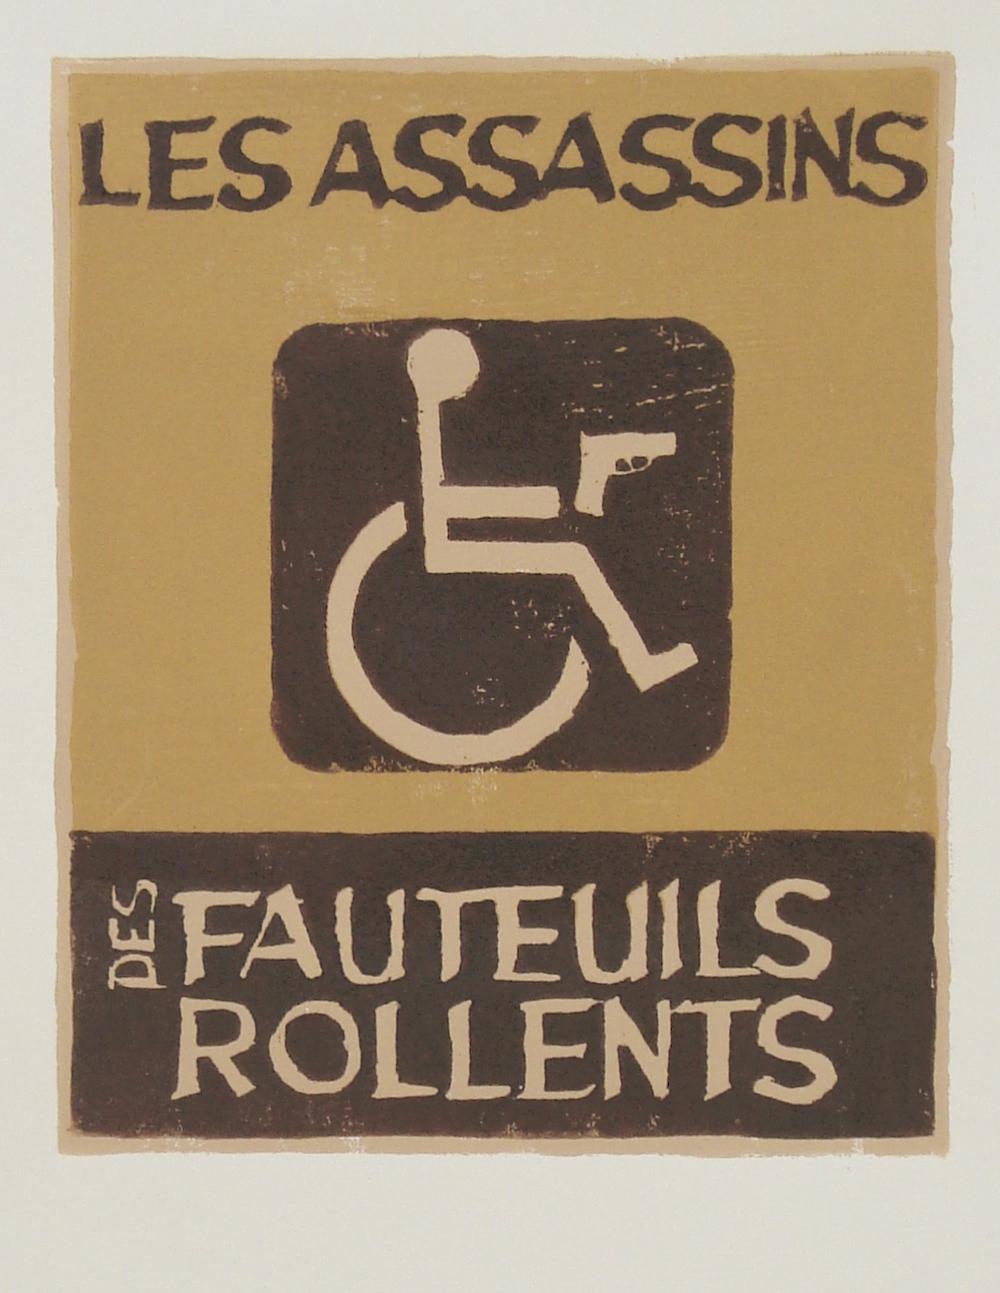 """Les Assassins des Fauteuils Rollents   reductive woodblock print  edition of 11  8x10"""""""